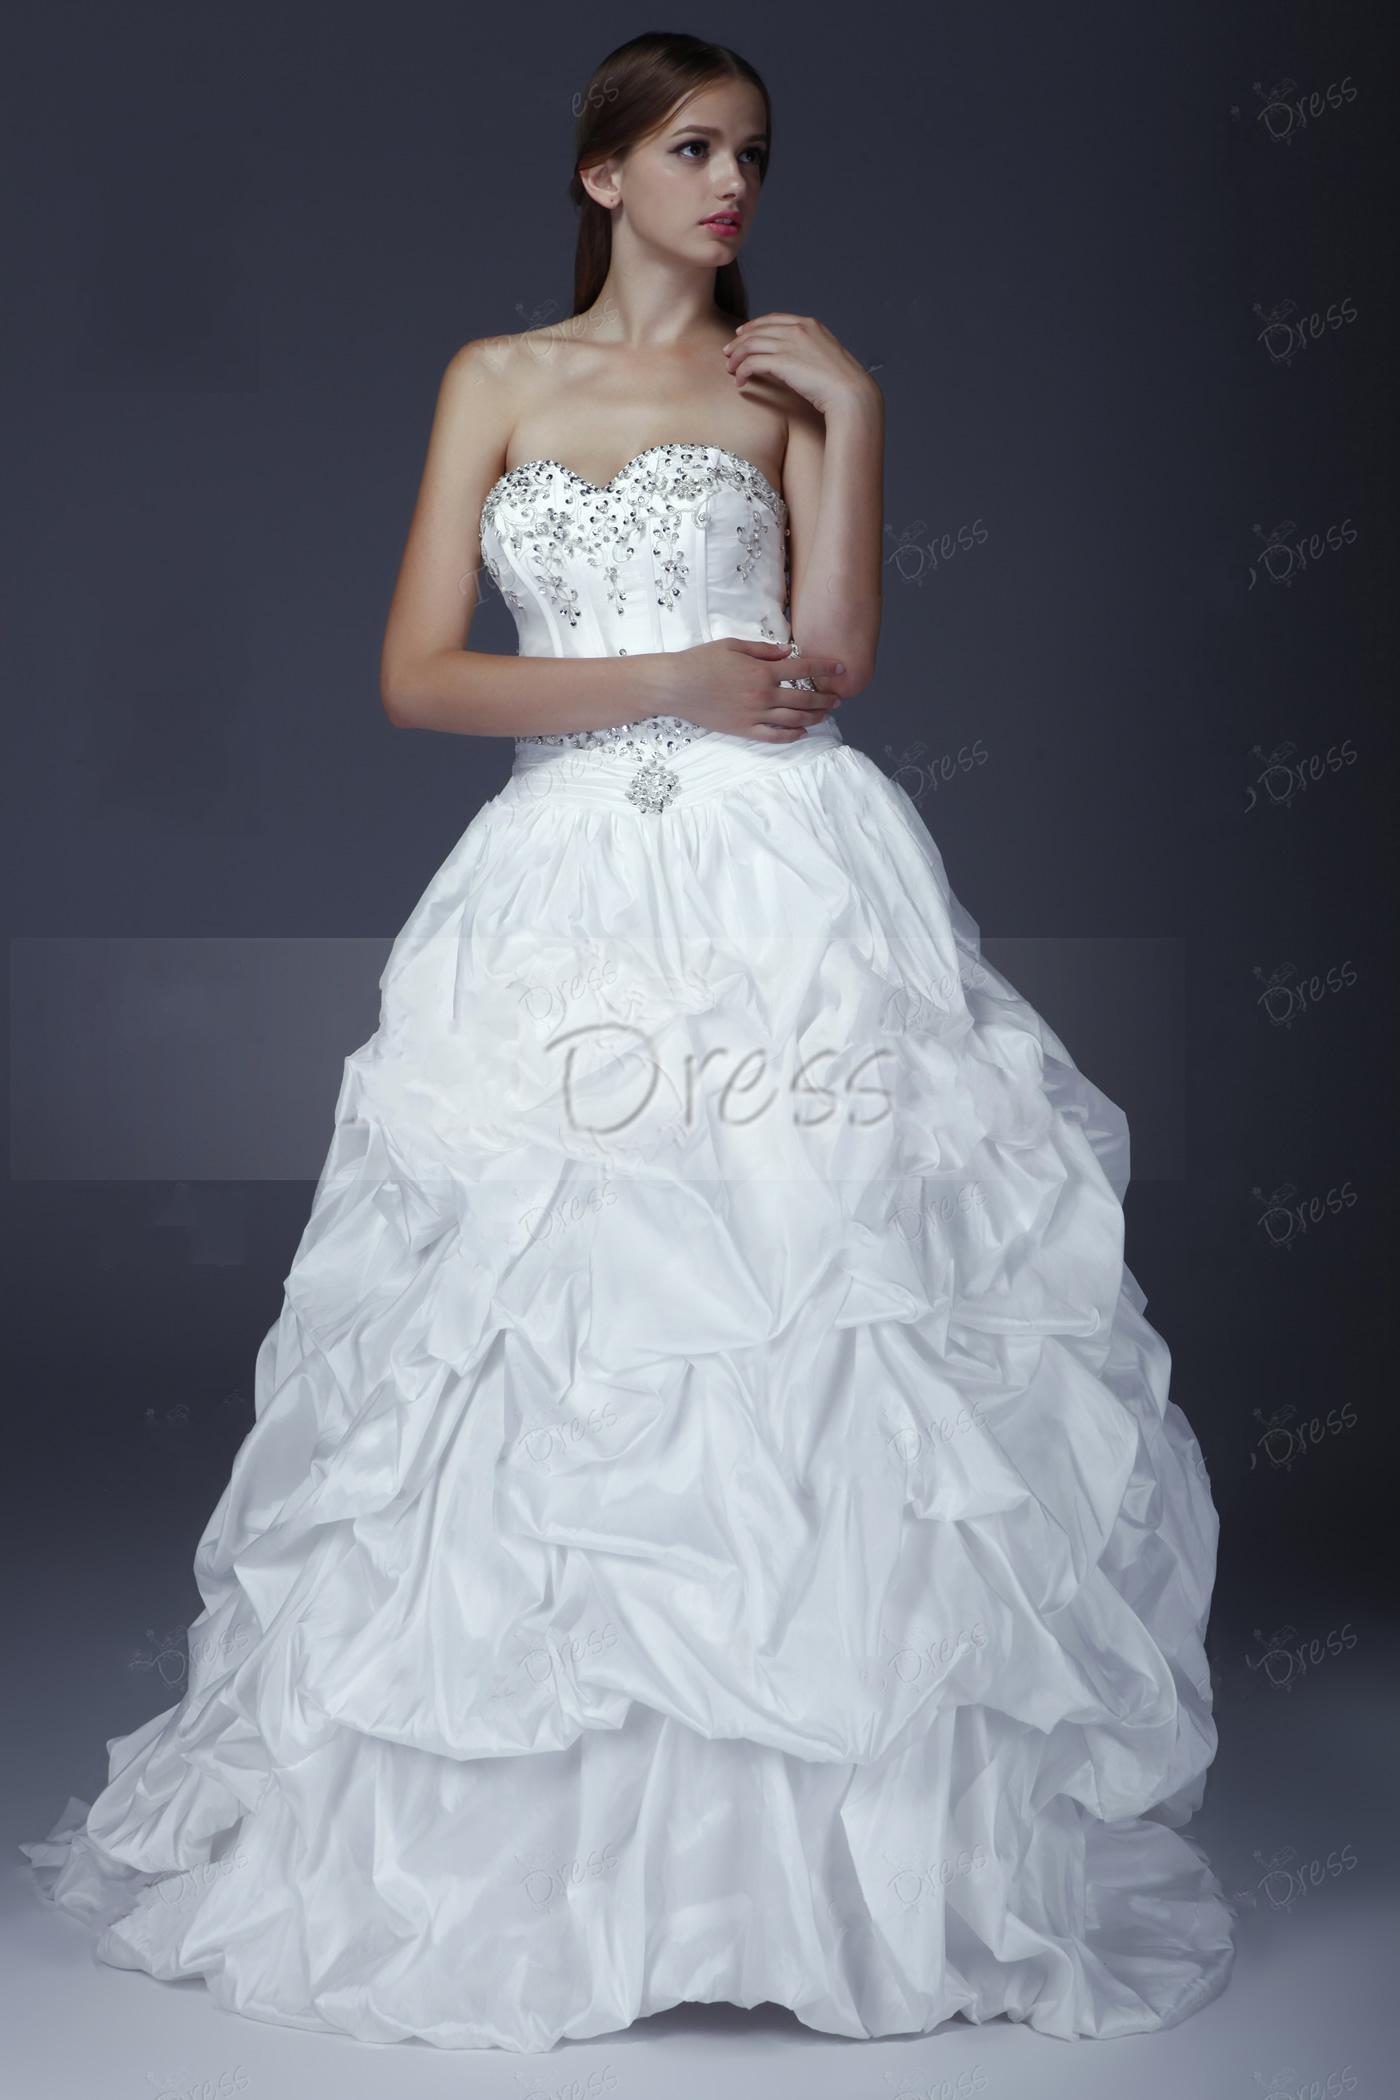 2013 personalizado vestido de baile elegante querida mangas Ruffling vestido de noiva de Aleksander